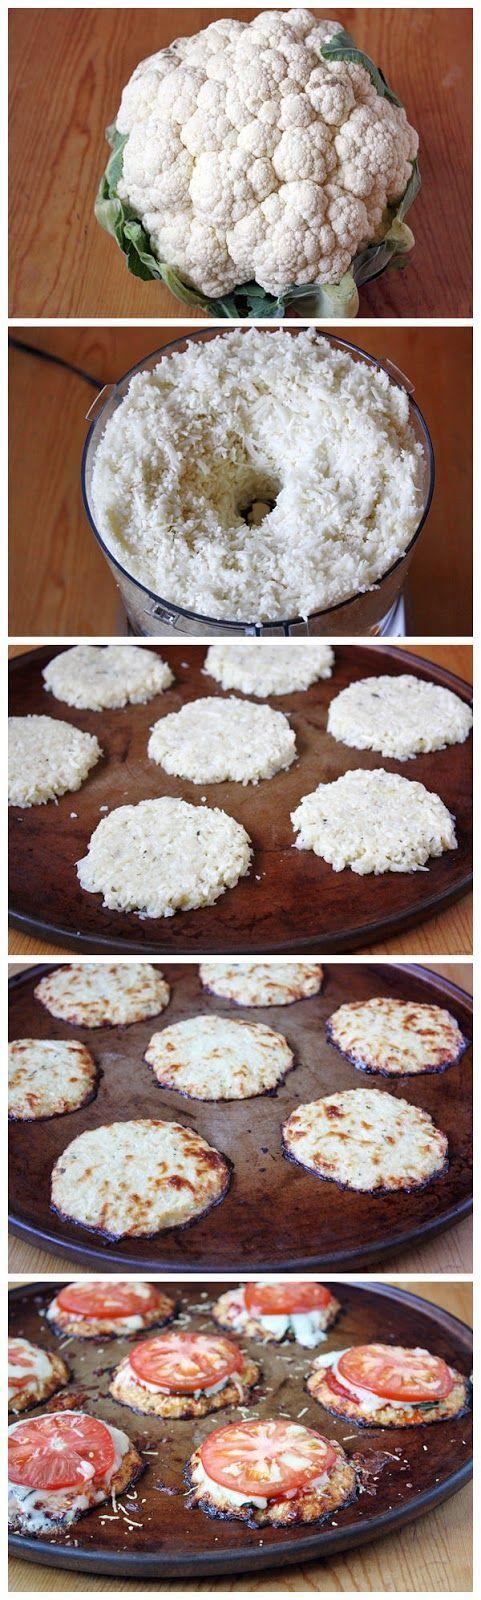 Mini Cauliflower Pizza Crusts recipe #food #paleo #glutenfree